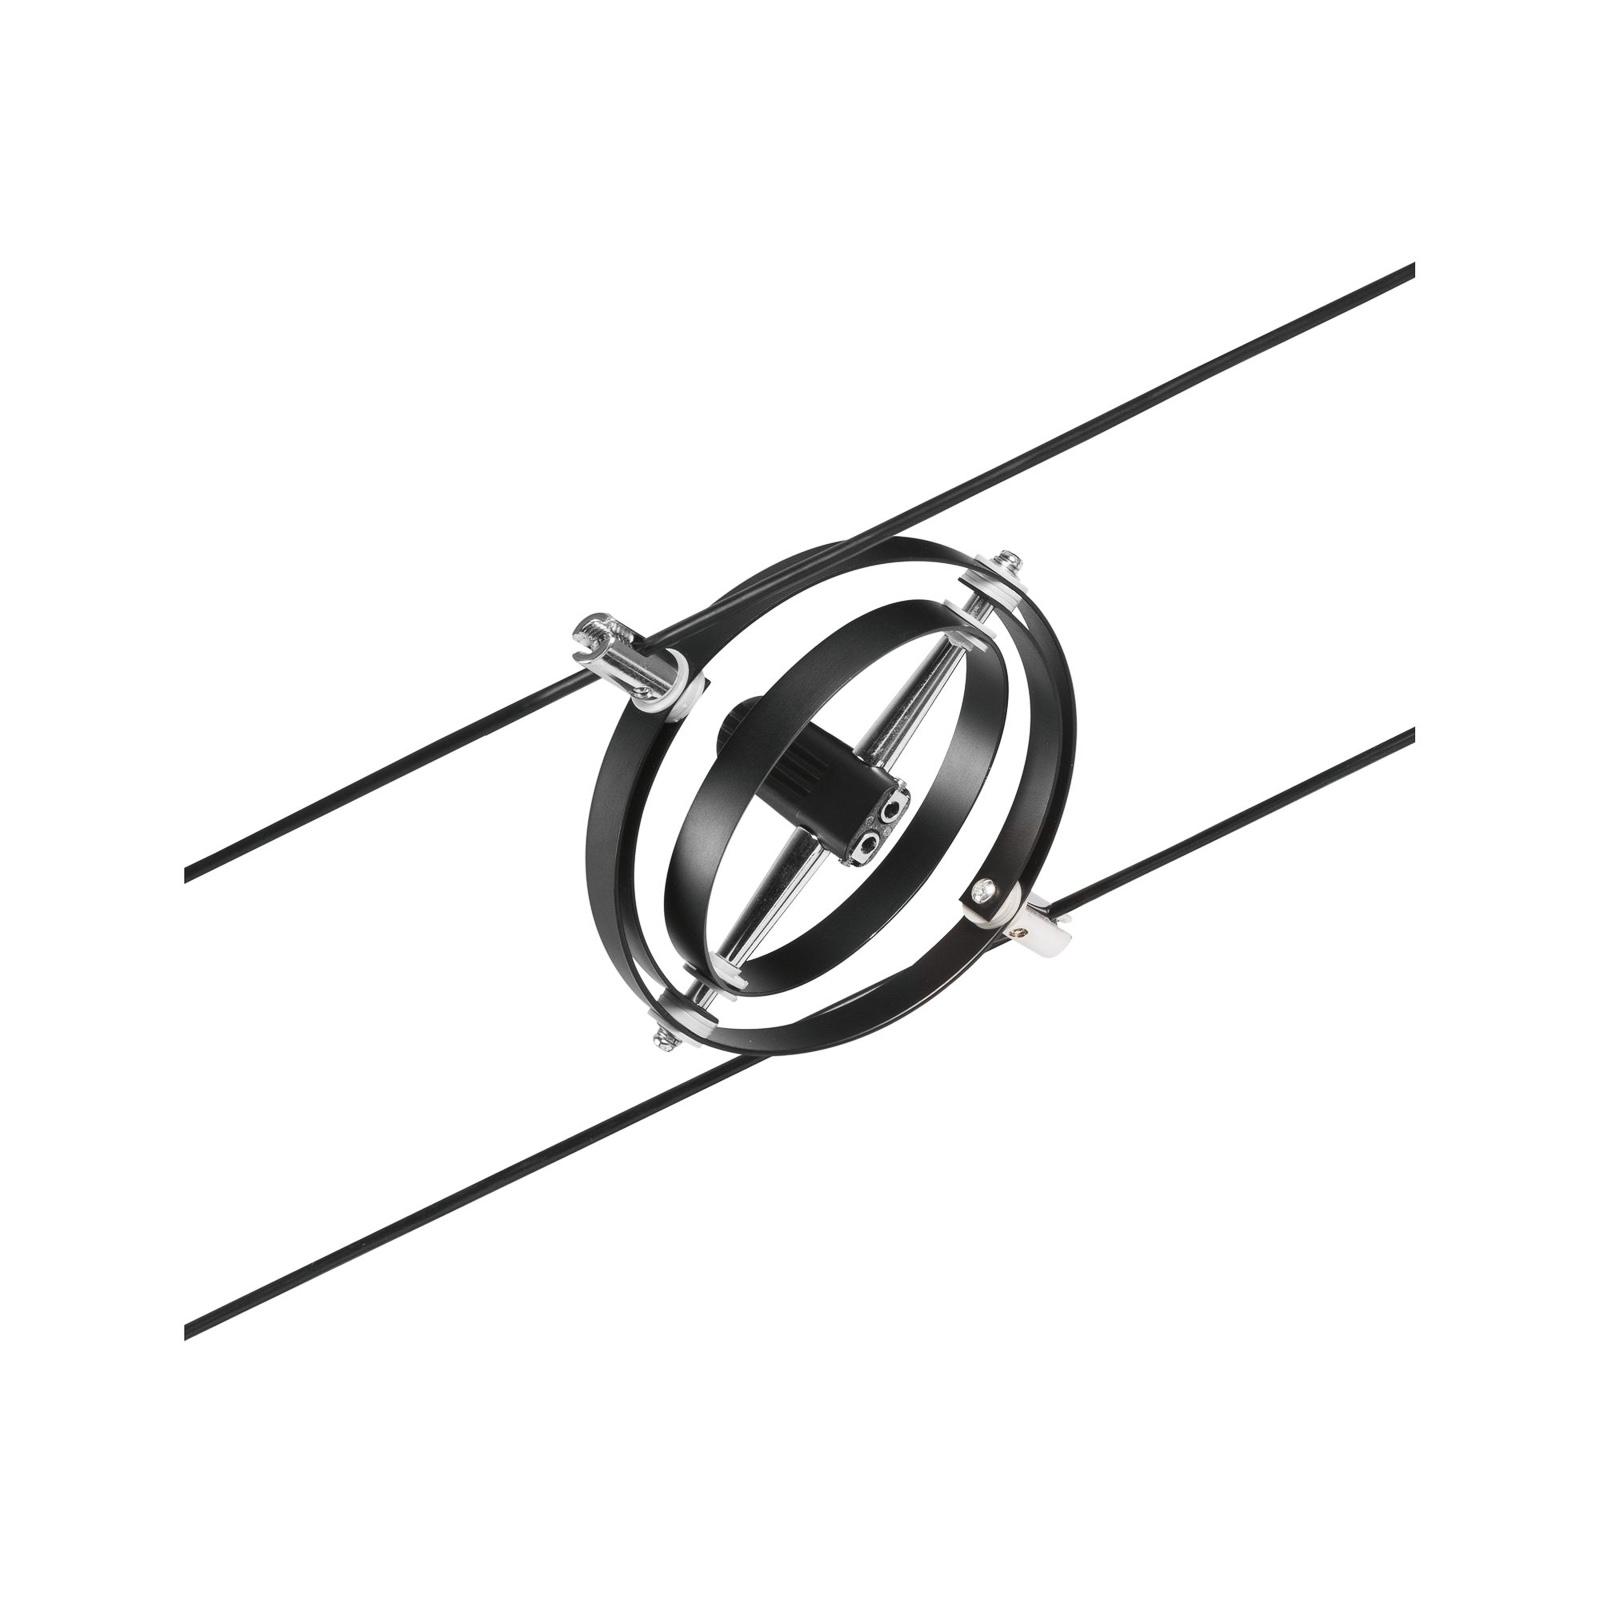 Paulmann Wire Cardan Spot für Seilsystem schwarz